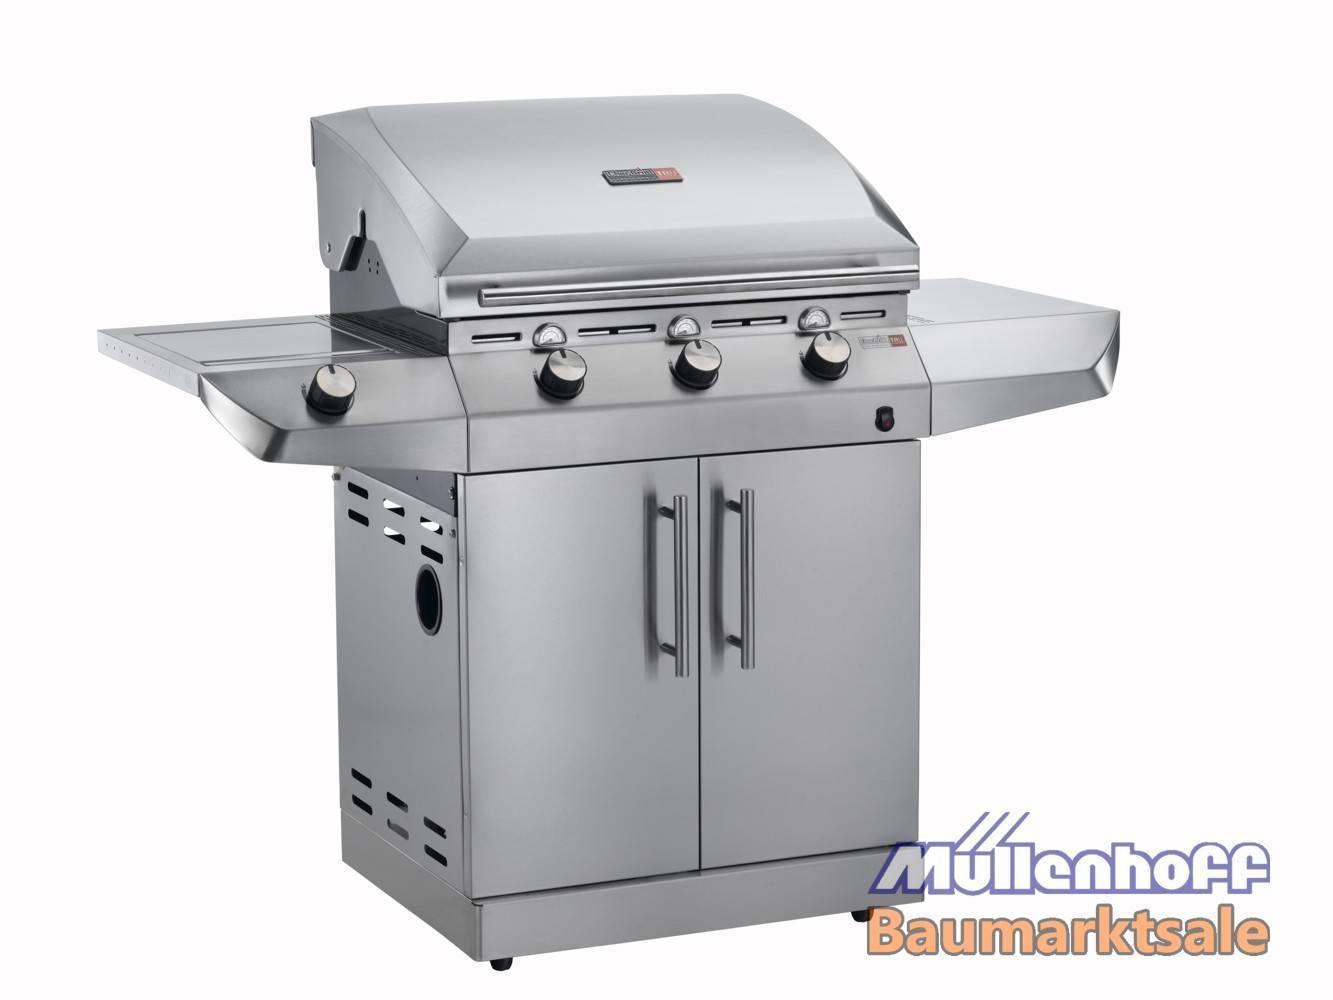 Landmann Gasgrill Inox : Charbroil gasgrill grillwagen t g inox gas grill edelstahl